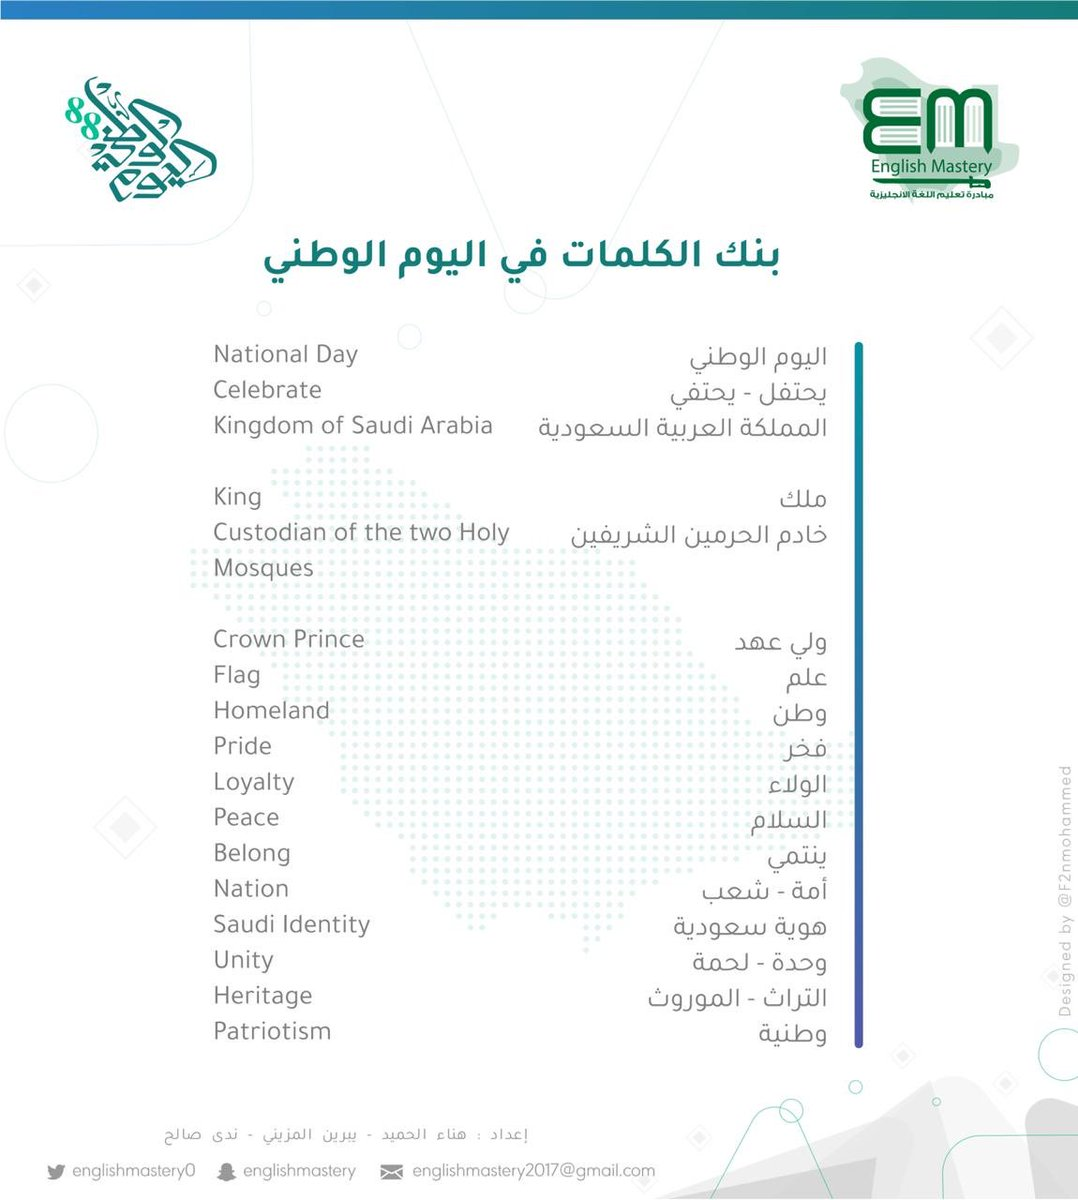 #SaudiNationalday88 #اليوم_الوطني88   #السعودية   #للمجد_والعلياء   🔸بنك الكلمات في اليوم الوطني .. #مدونة_تعلم_الإنجليزية